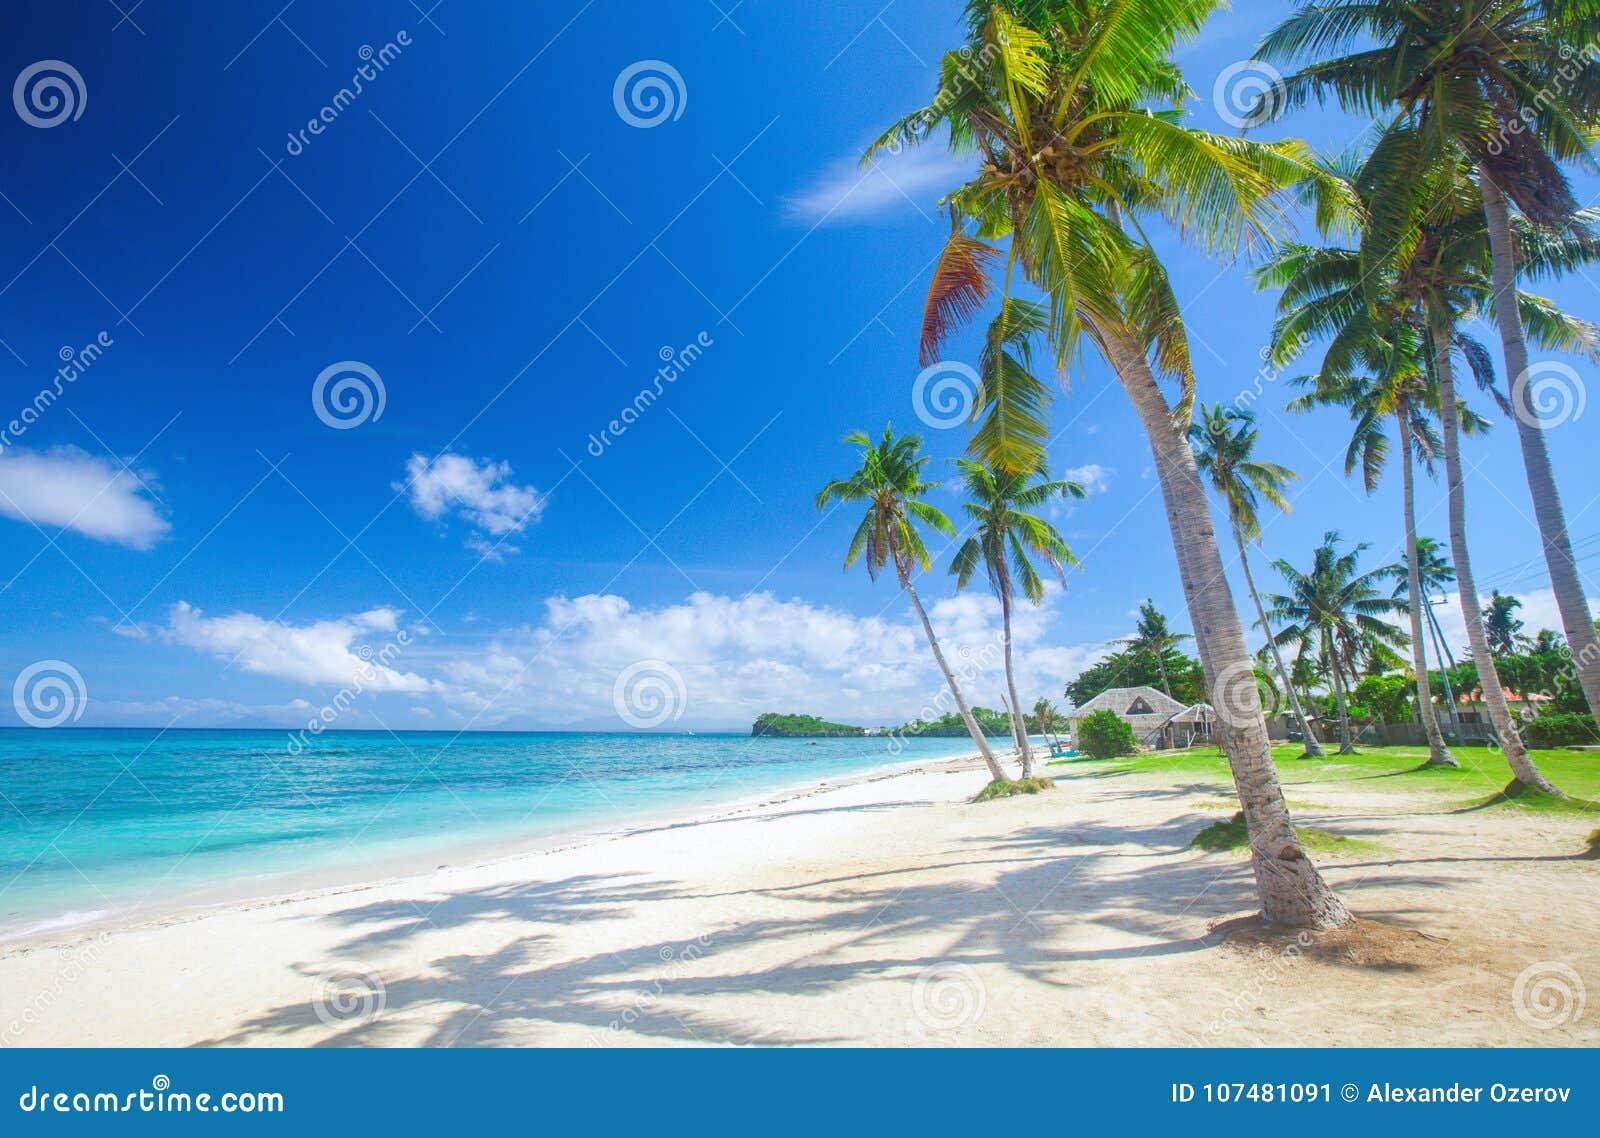 Praia tropical com palma de coco